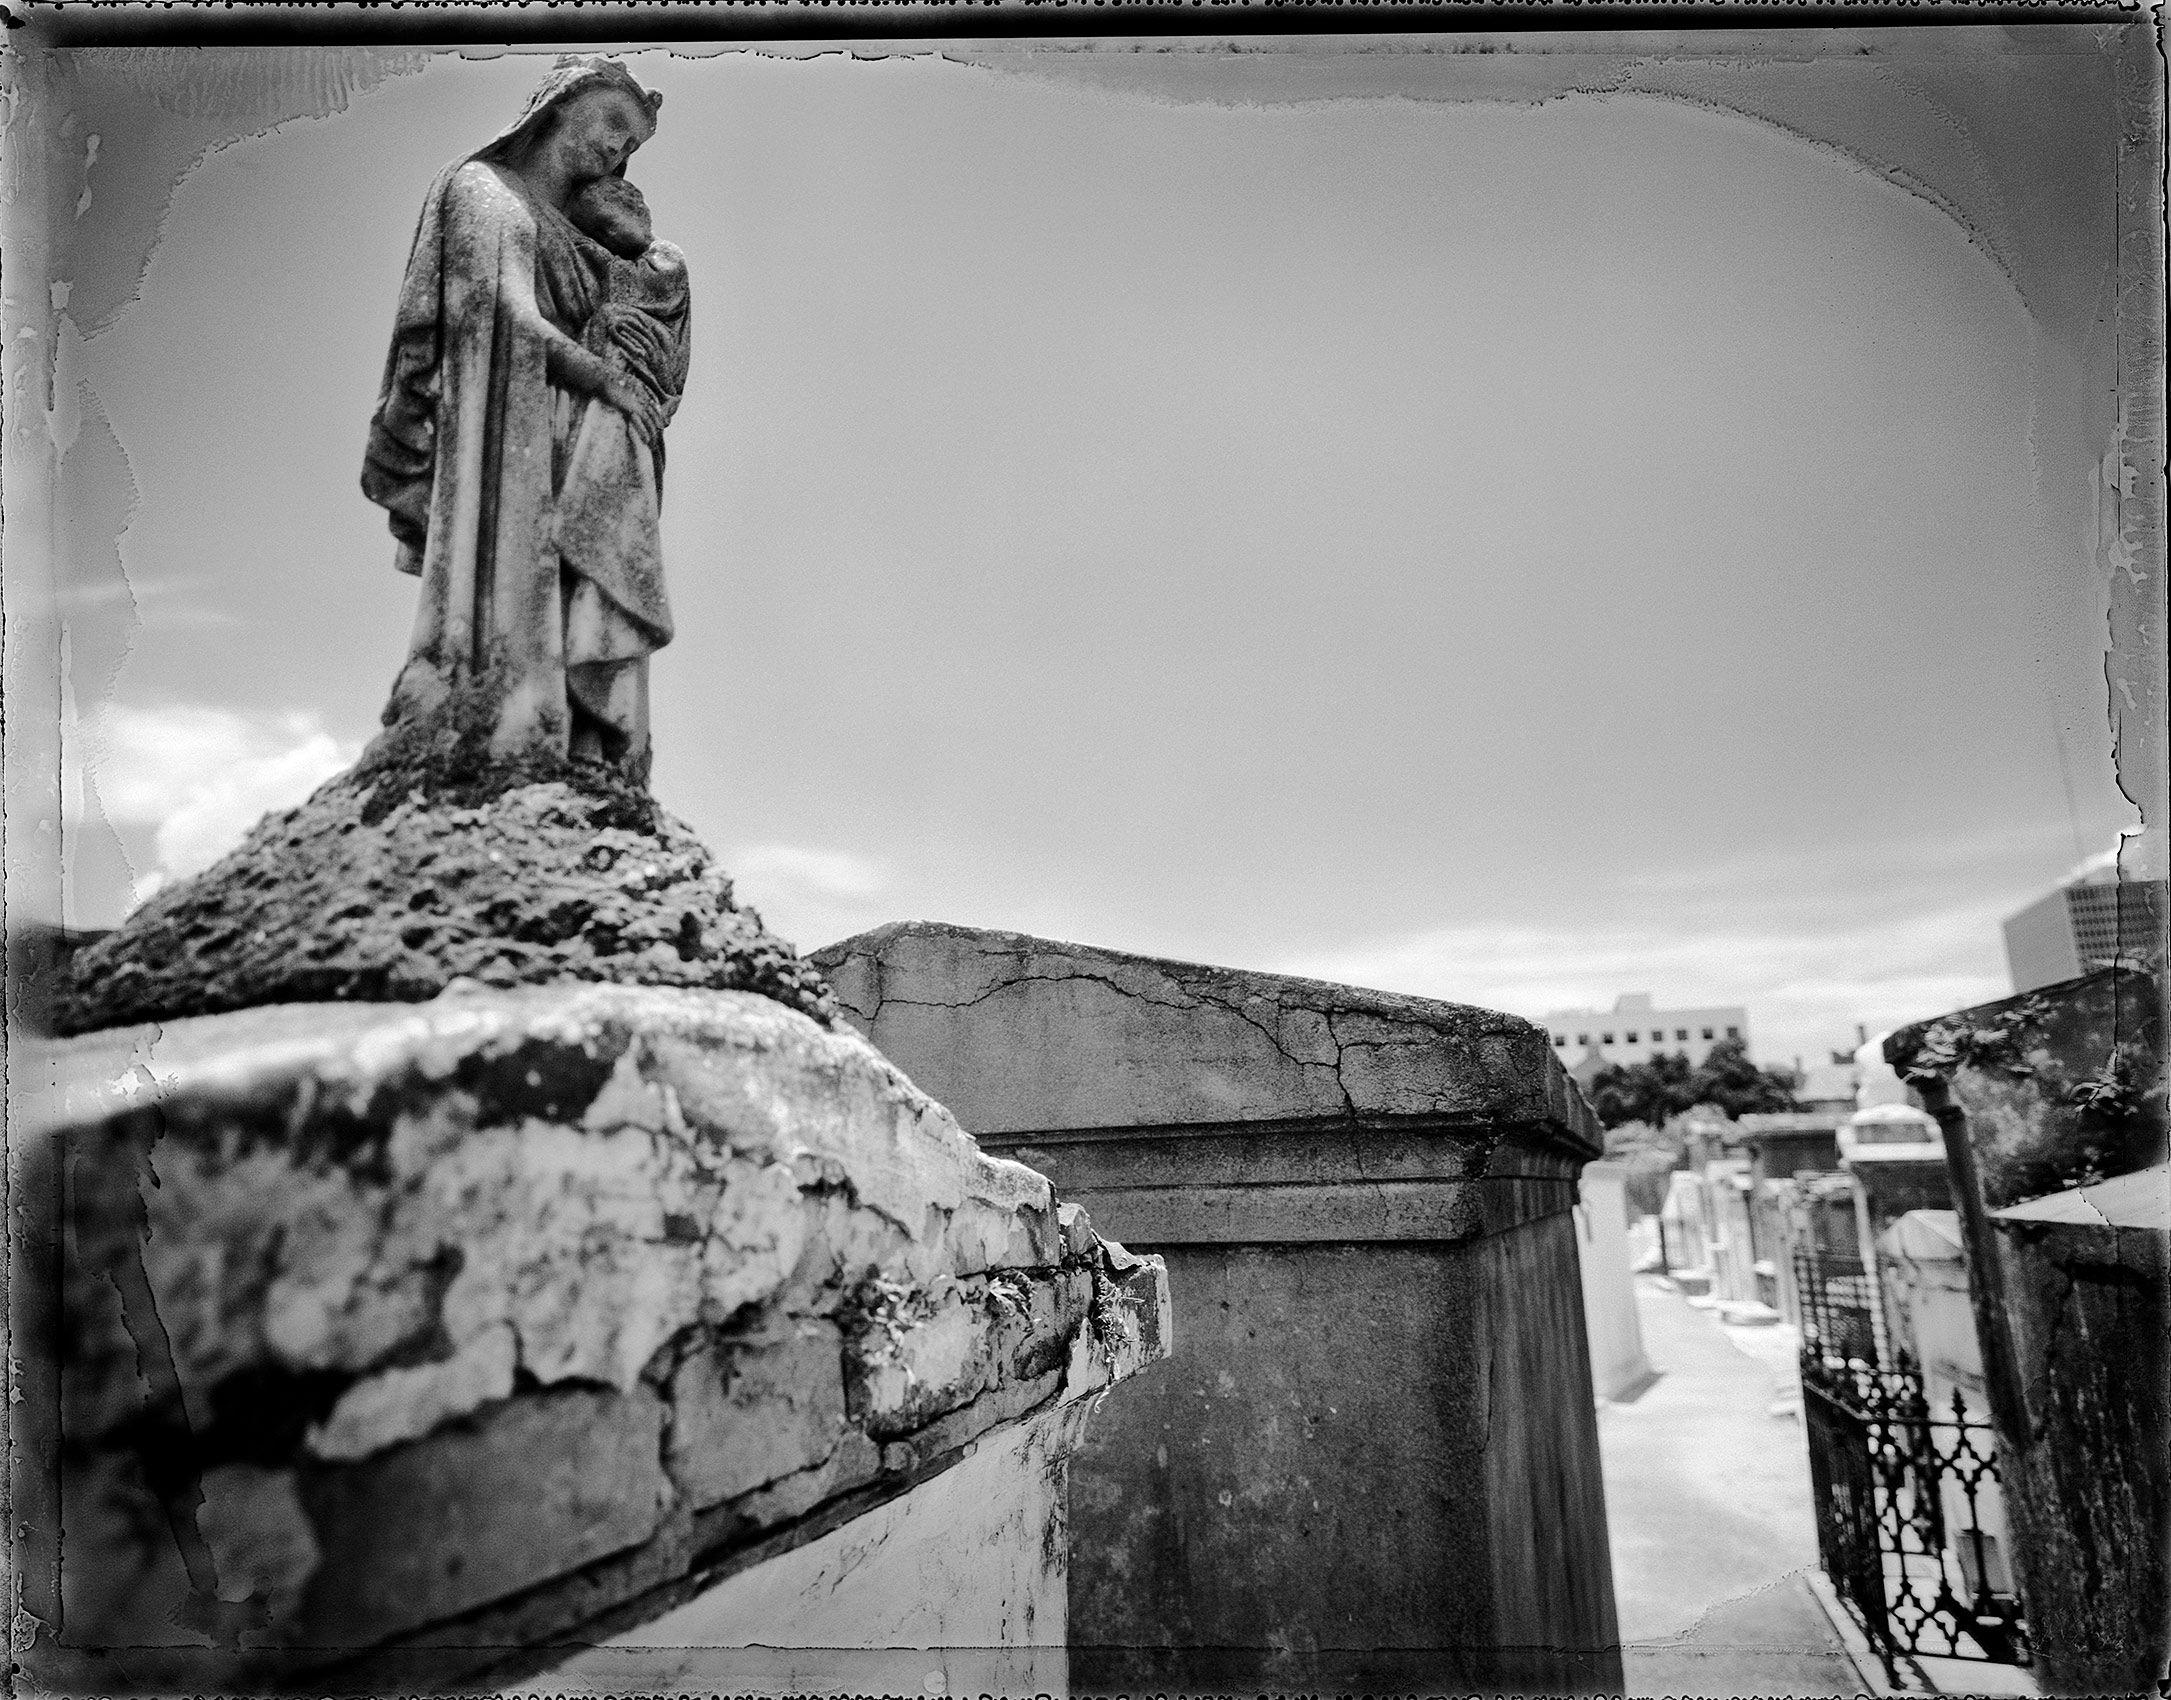 Solemn Statue